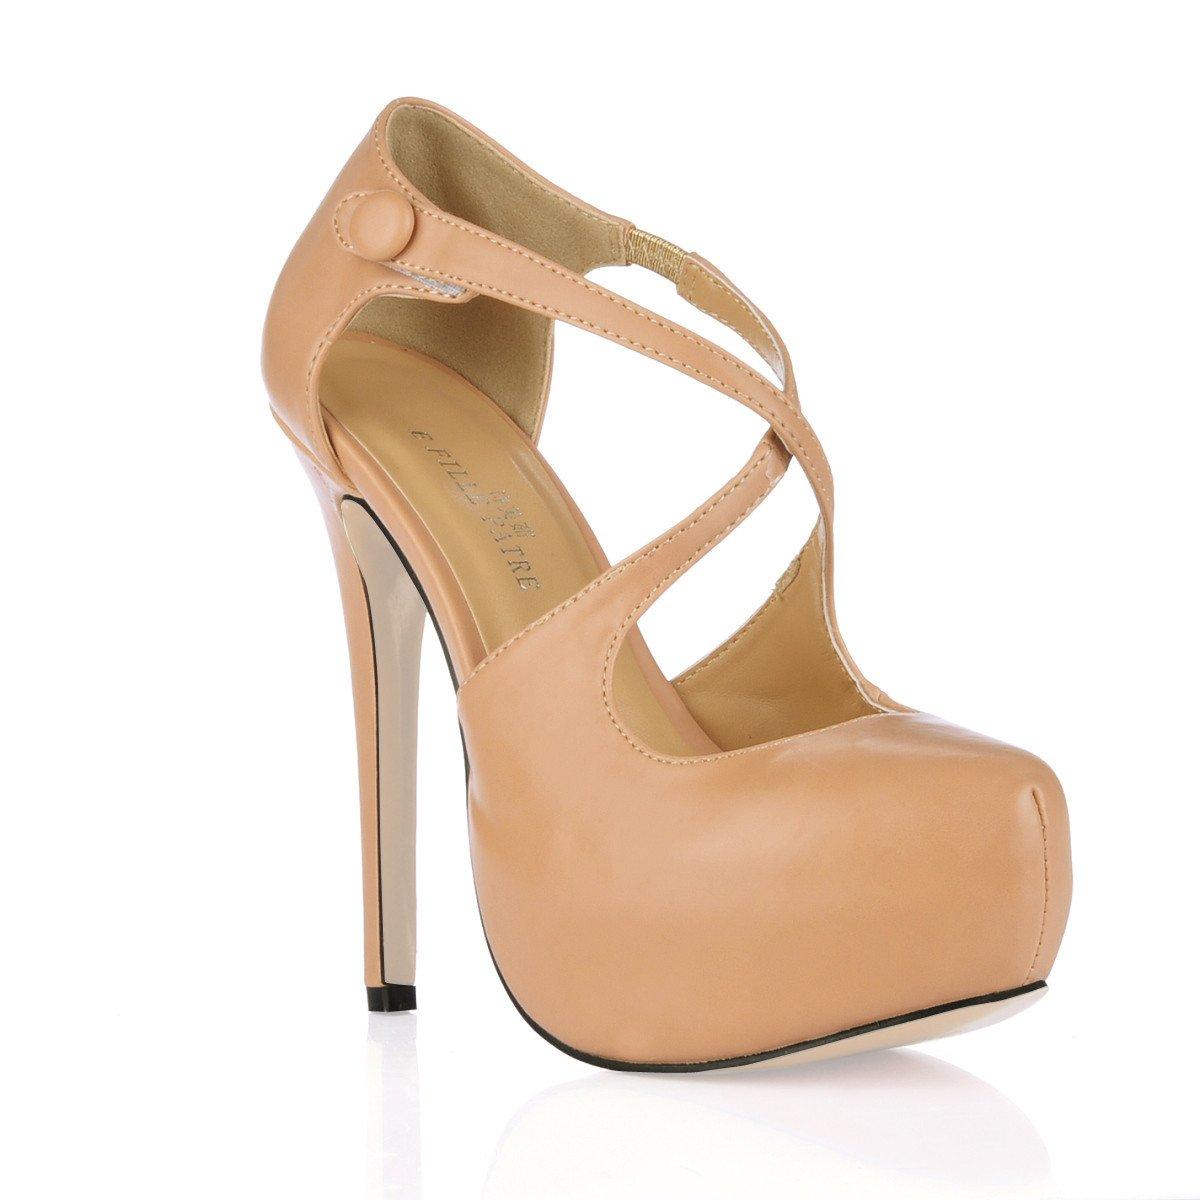 Klicken Sie auf Frauen fallen Neue produktreife Abendessen Frauen Schuhe cross-strap Fleisch fein high-heel Schuhe 3.